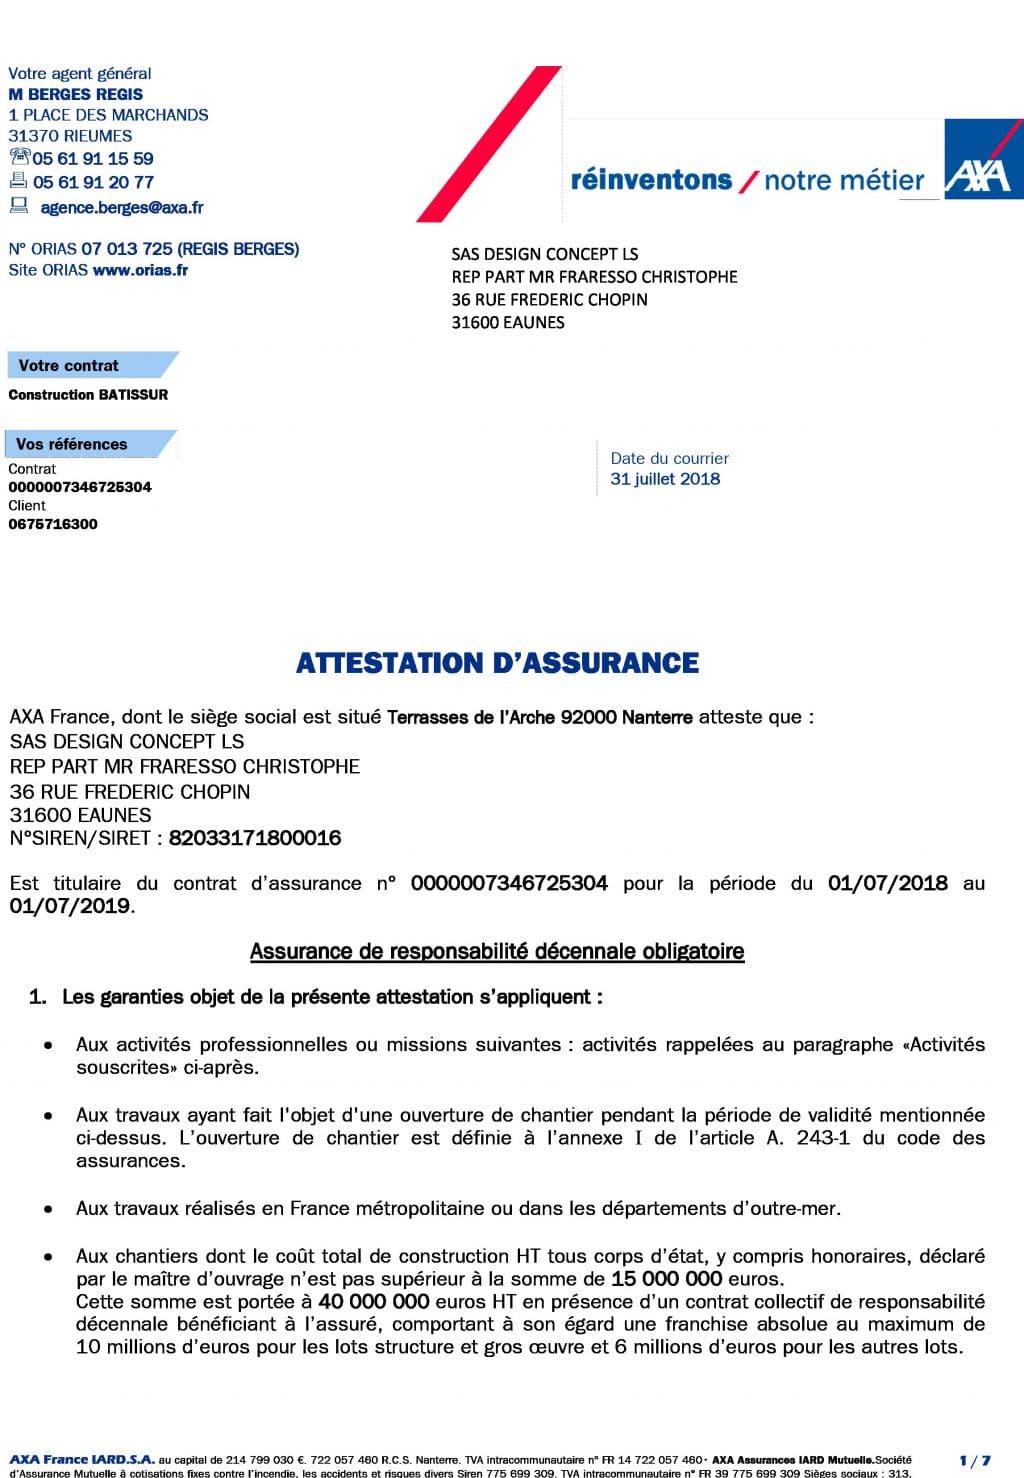 Attestation decennale DCLS du 01-07-2018 au 01-07